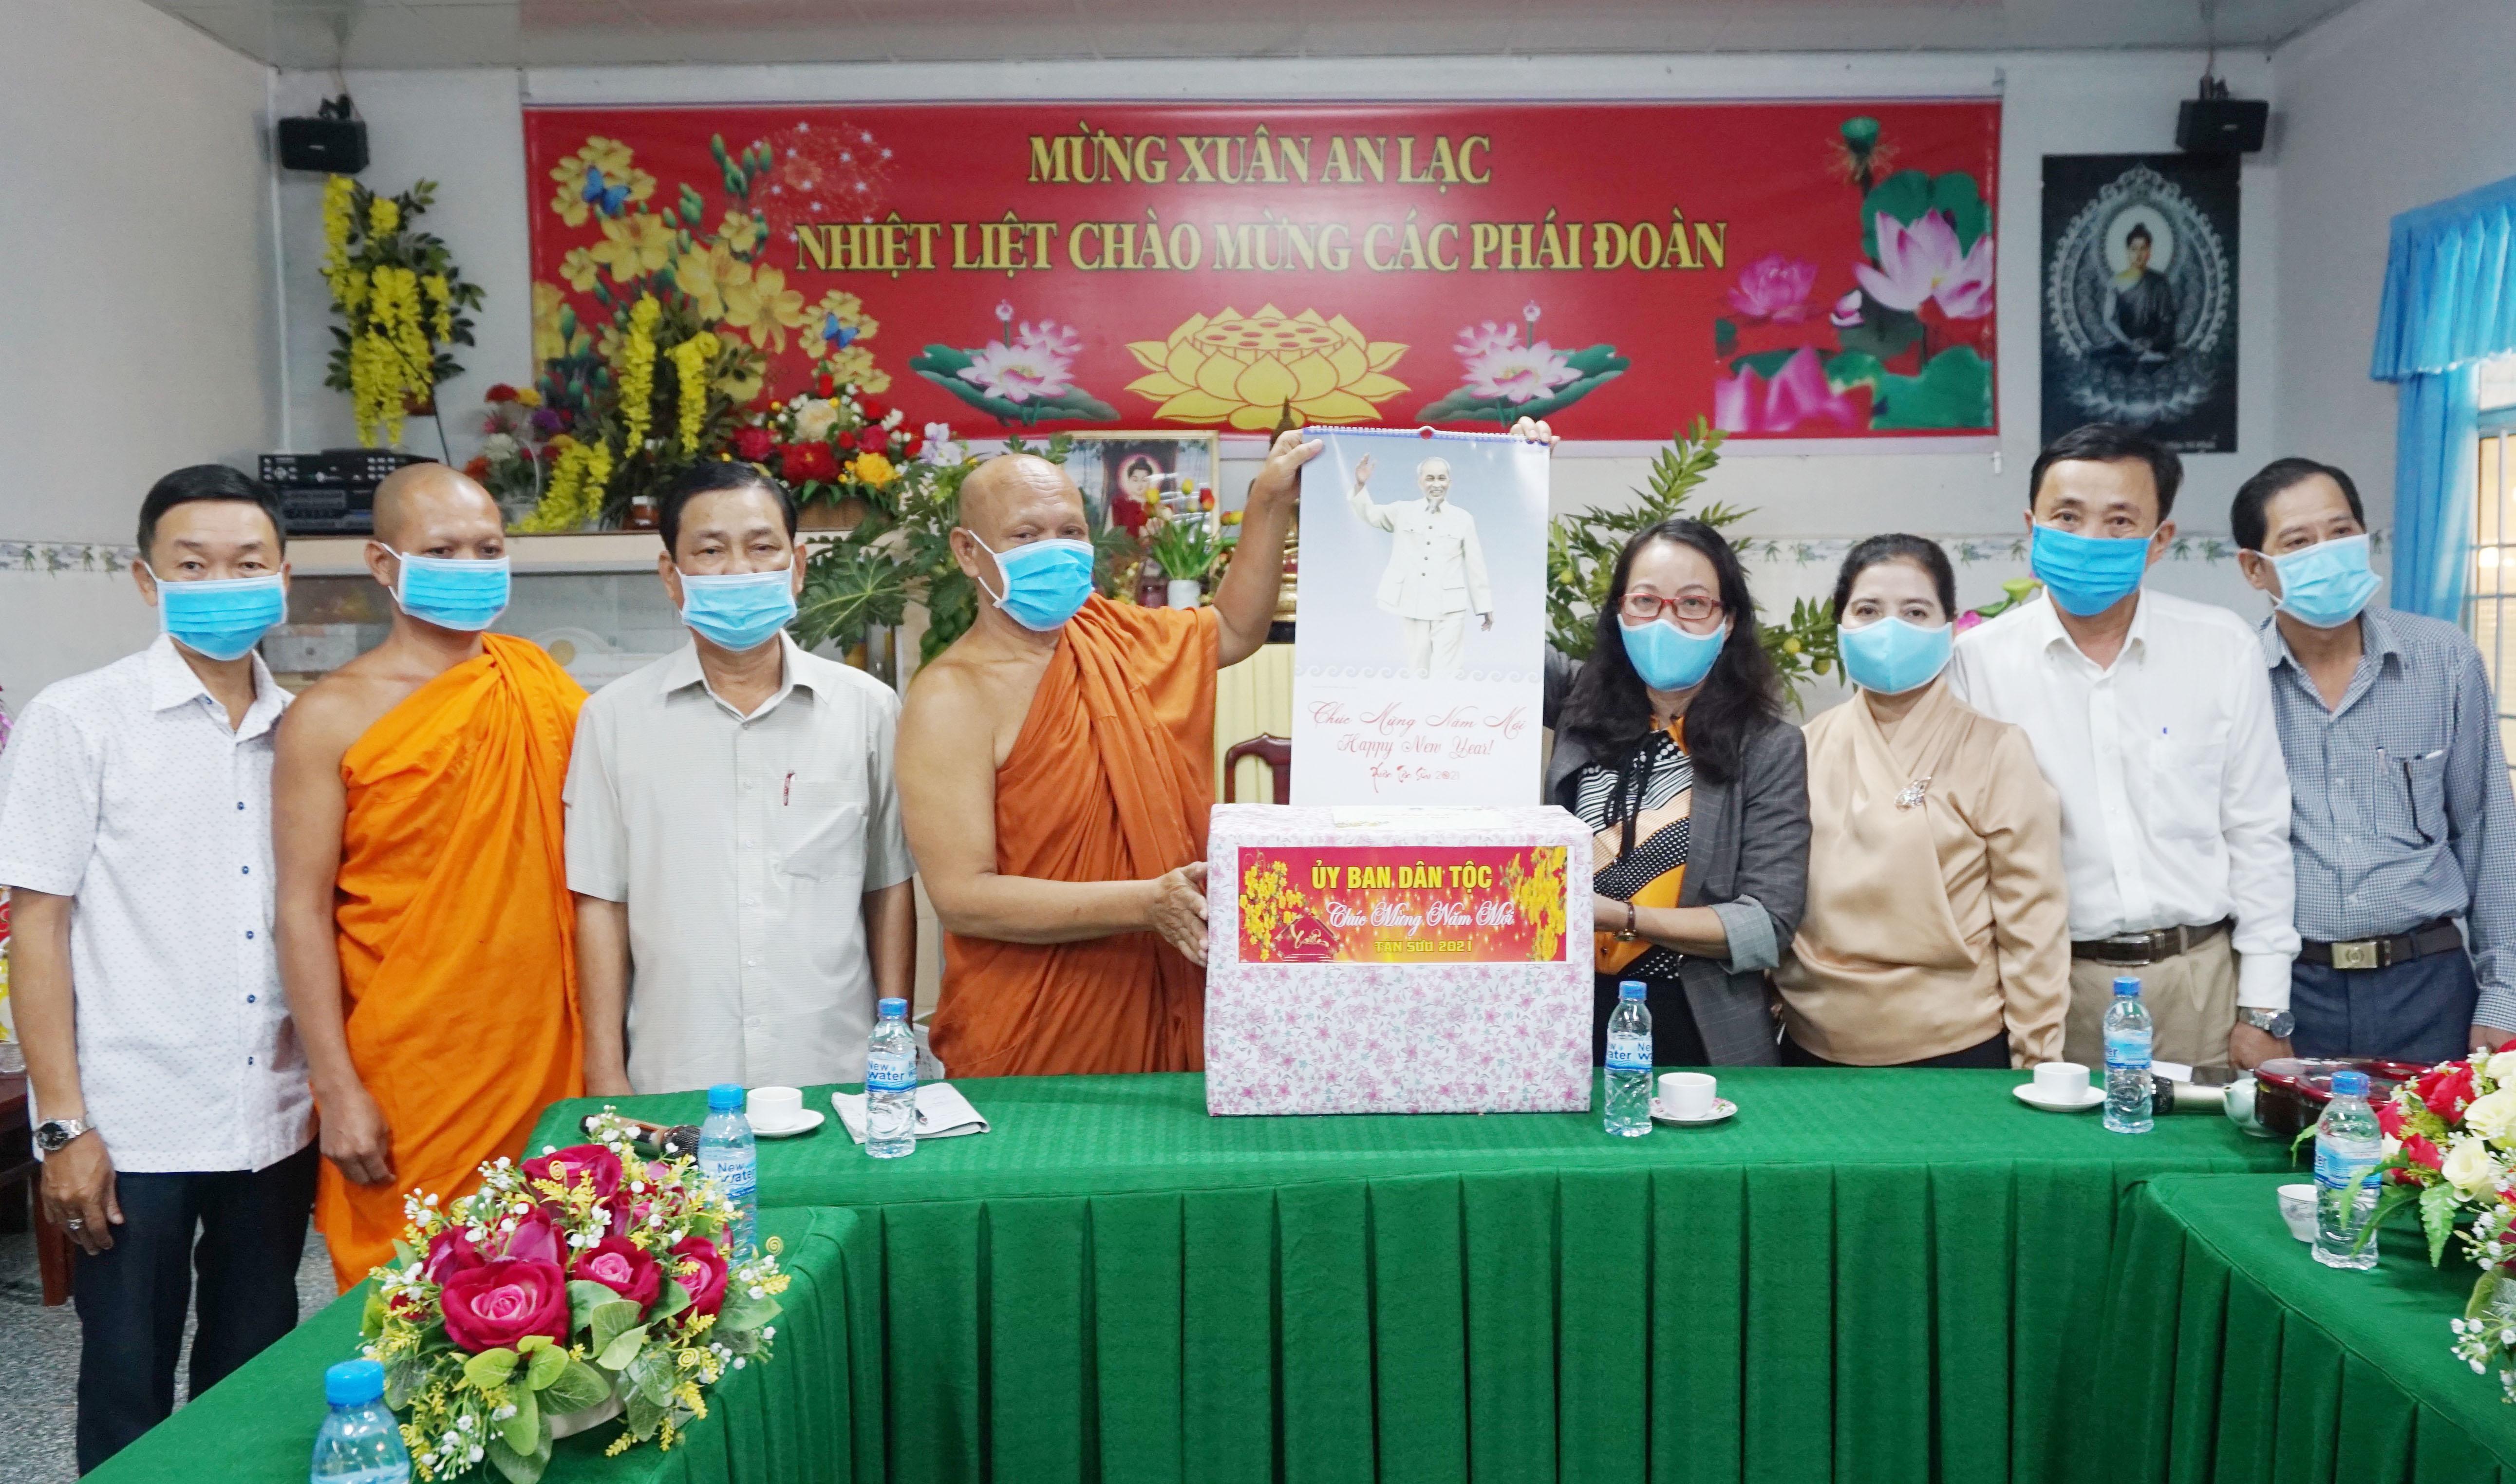 Thứ trưởng, Phó Chủ nhiệm Hoàng Thị Hạnh thăm, tặng quà Hội Đoàn kết sư sãi yêu nước tỉnh Cà Mau.